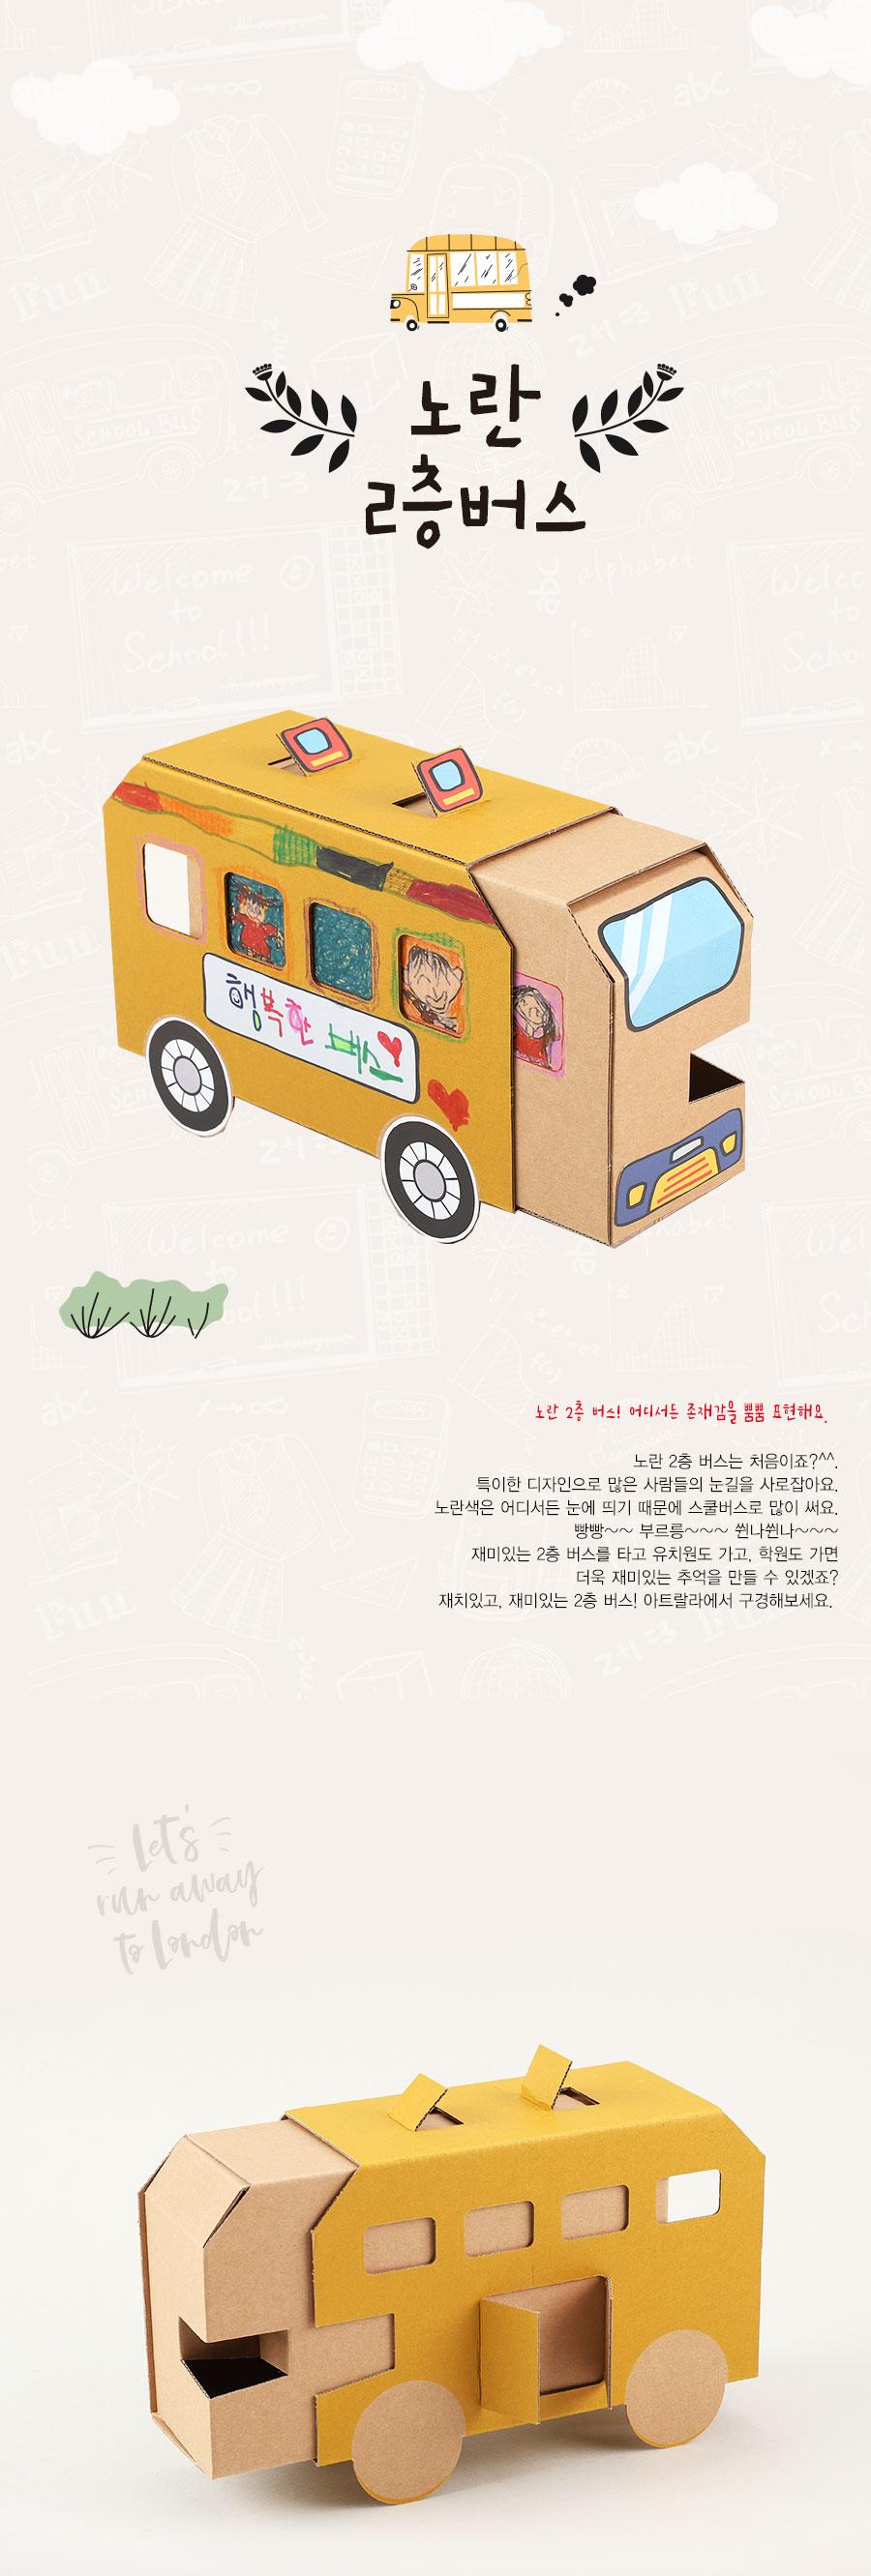 yellowbus_01_180135.jpg